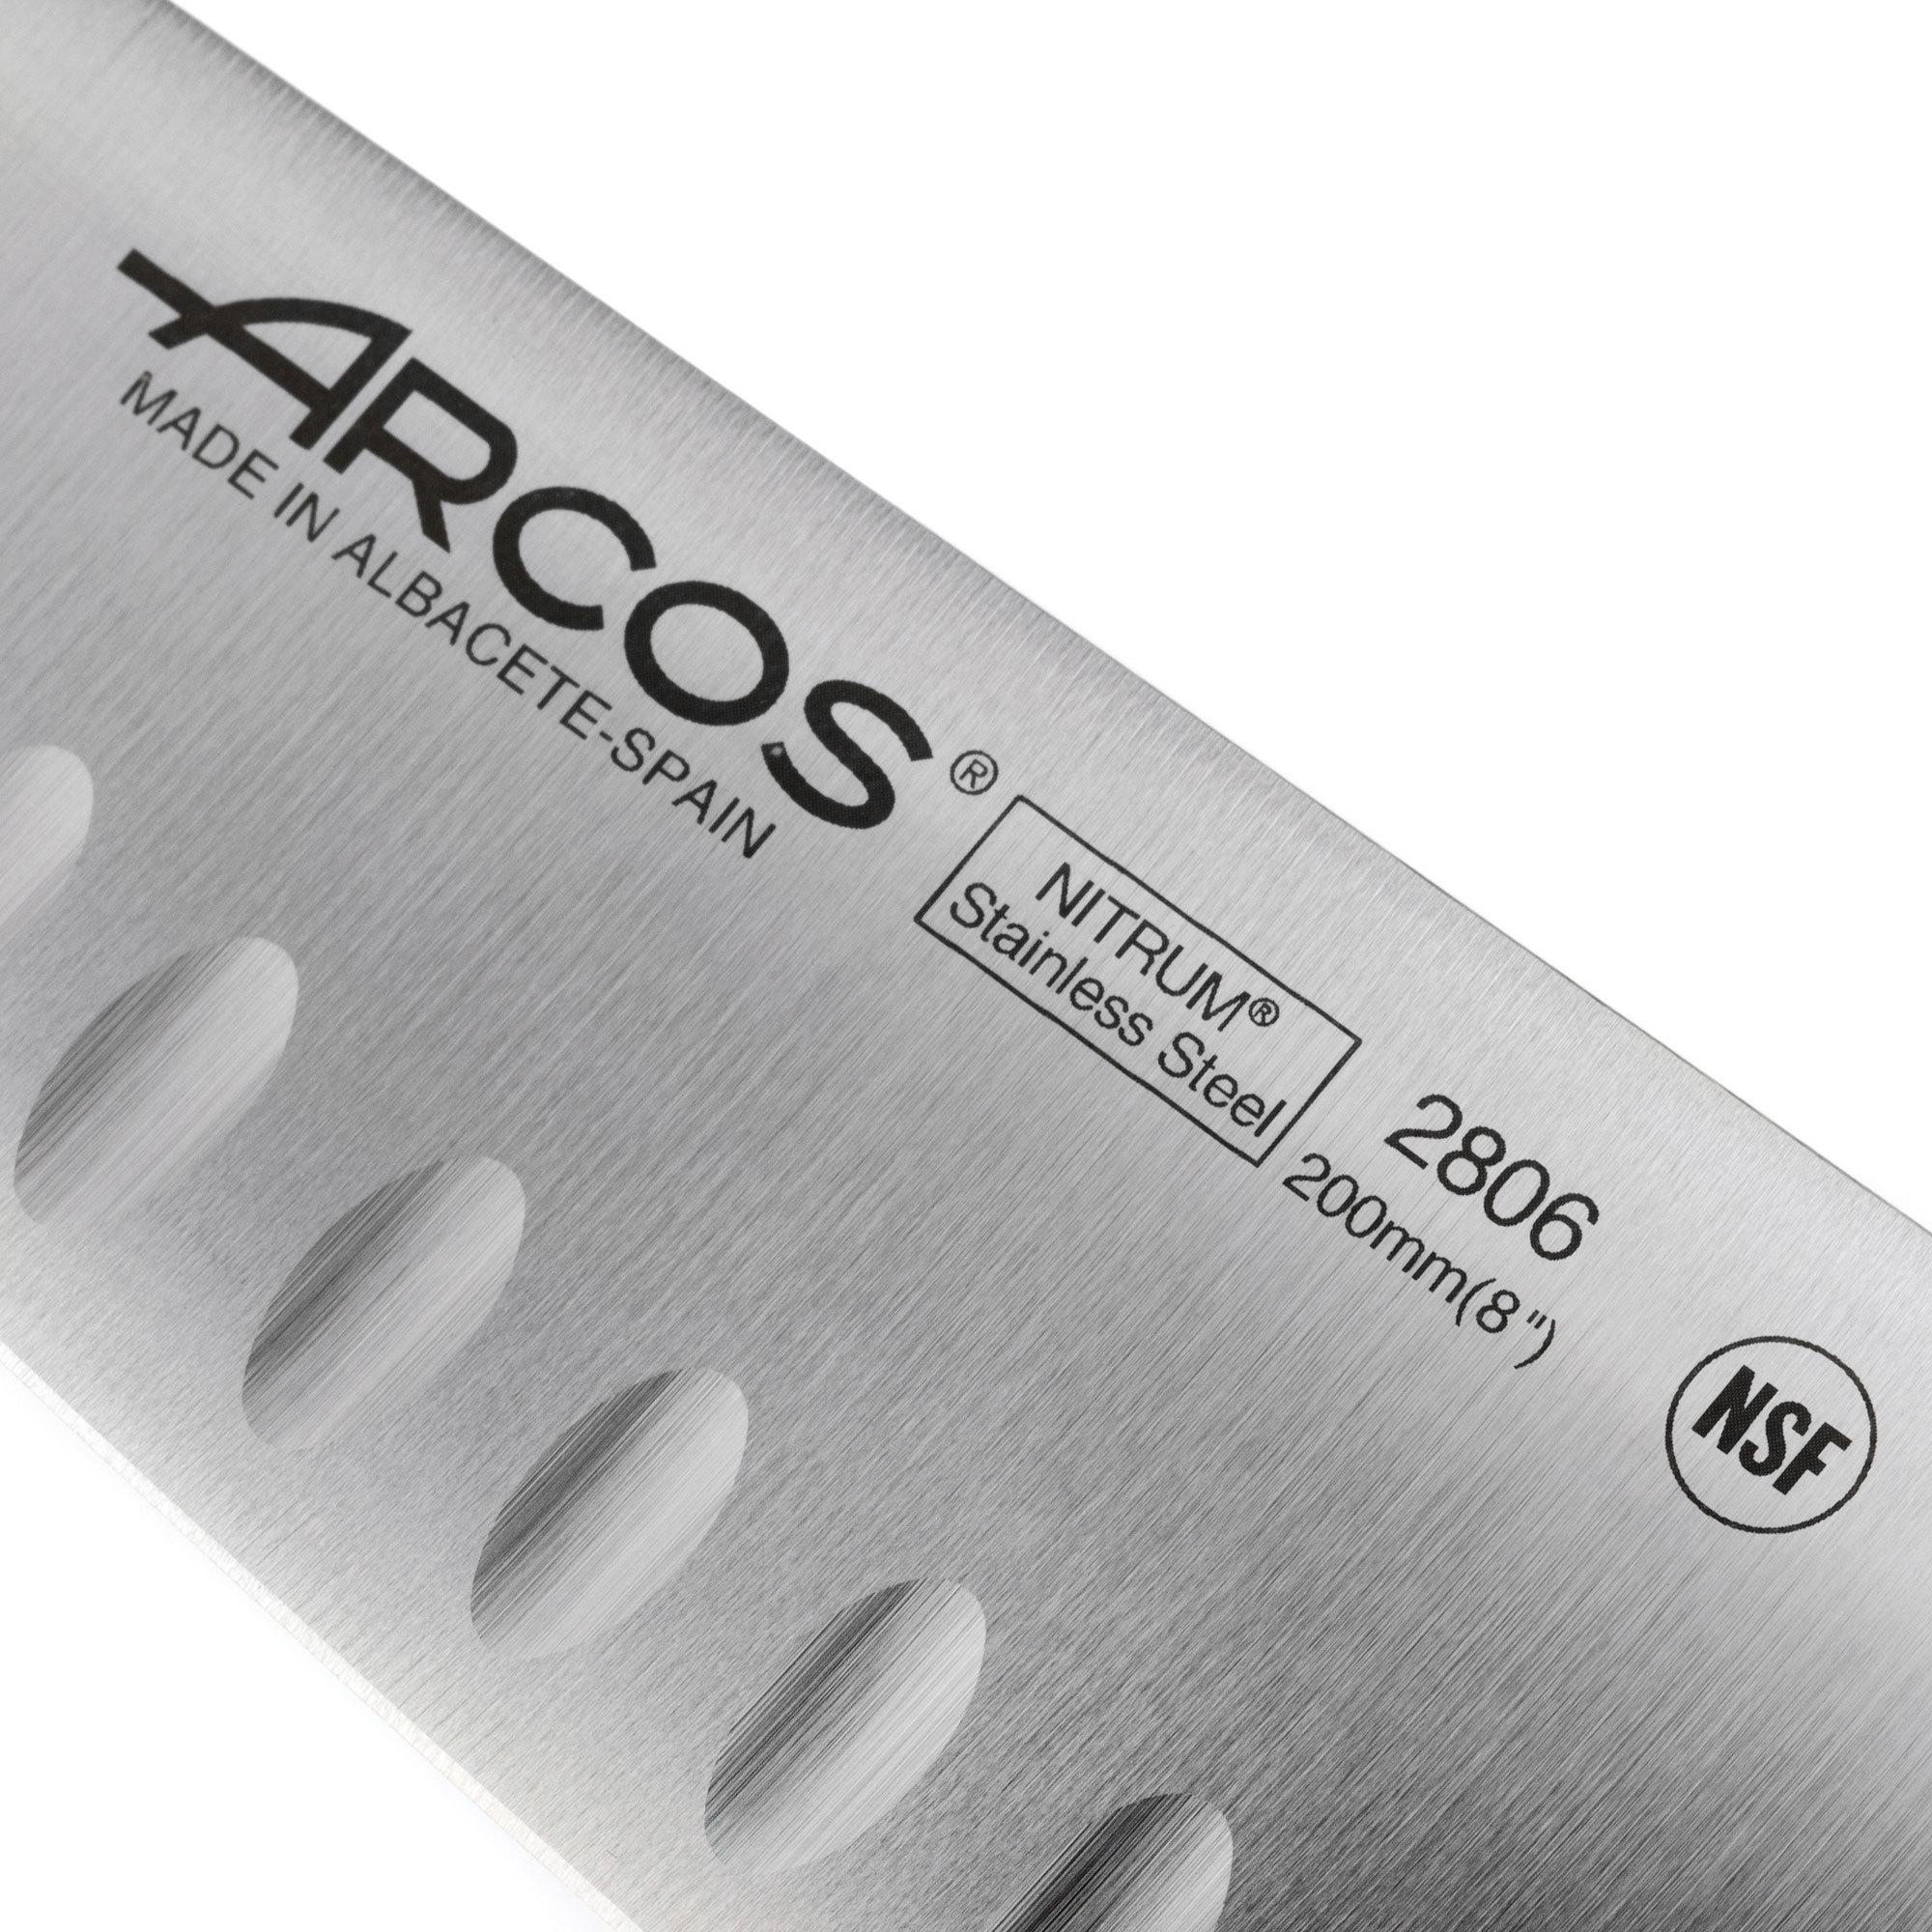 Нож кухонный Шеф 20 см, с углублениями на лезвии ARCOS Universal арт. 280601